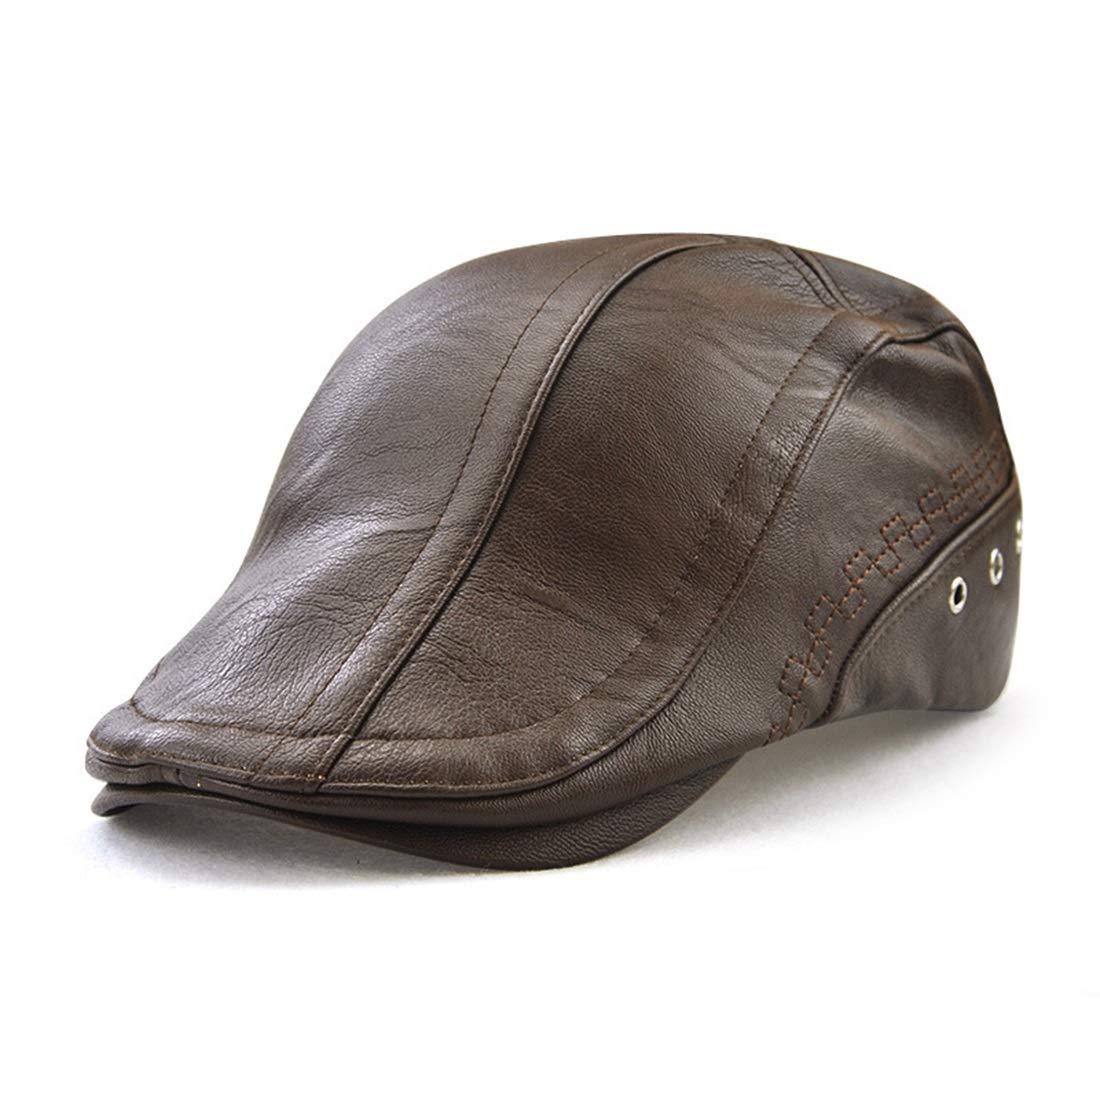 Gestickte Gepunktete Trendige Wild Cap Herren-Kappe Perforierte Kappe Hut